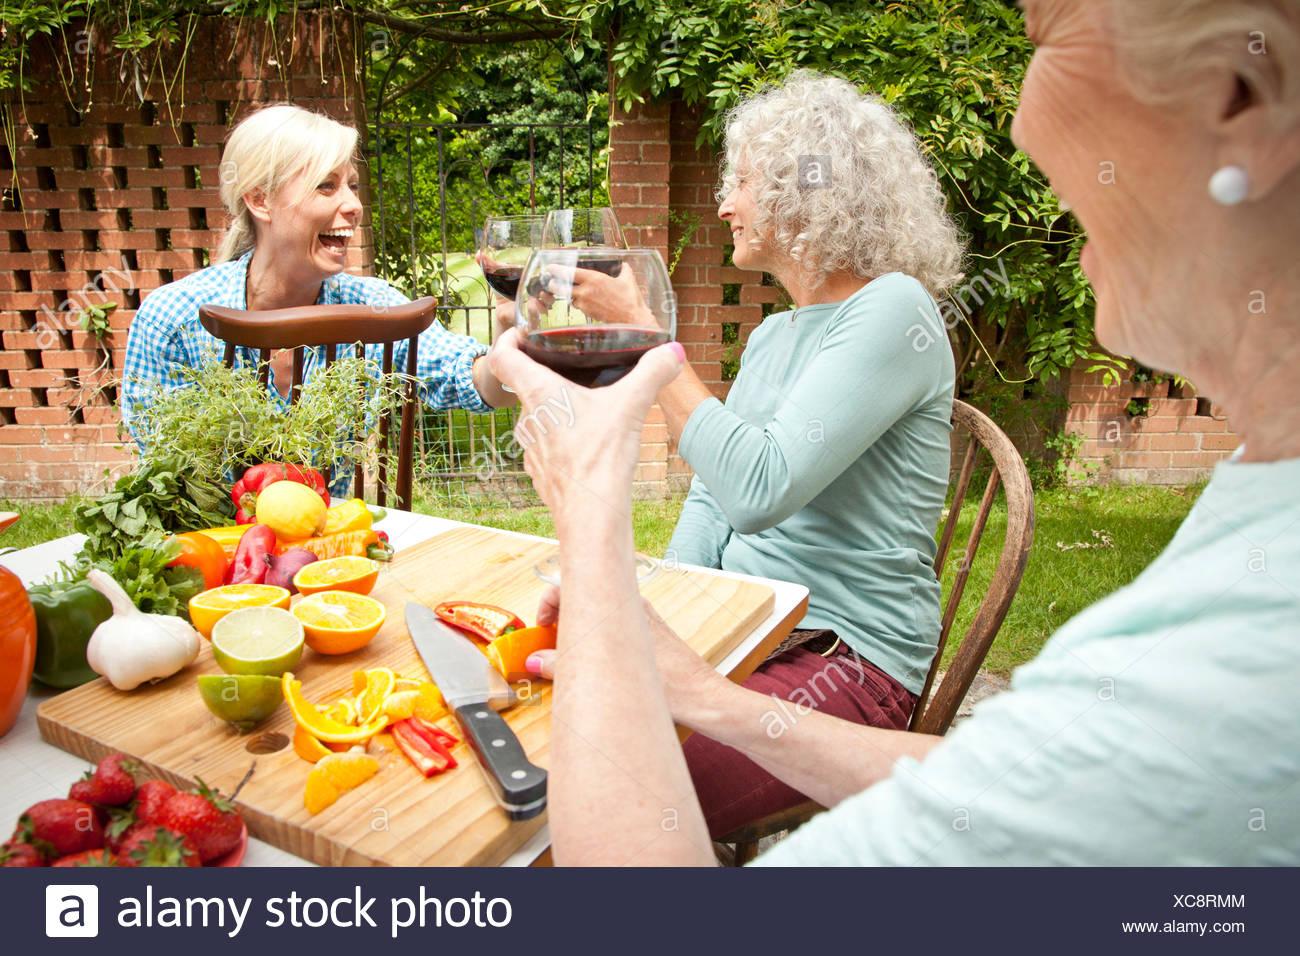 Drei Generationen Frauen mit einem Glas Rotwein während der Zubereitung von Speisen am Gartentisch Stockfoto